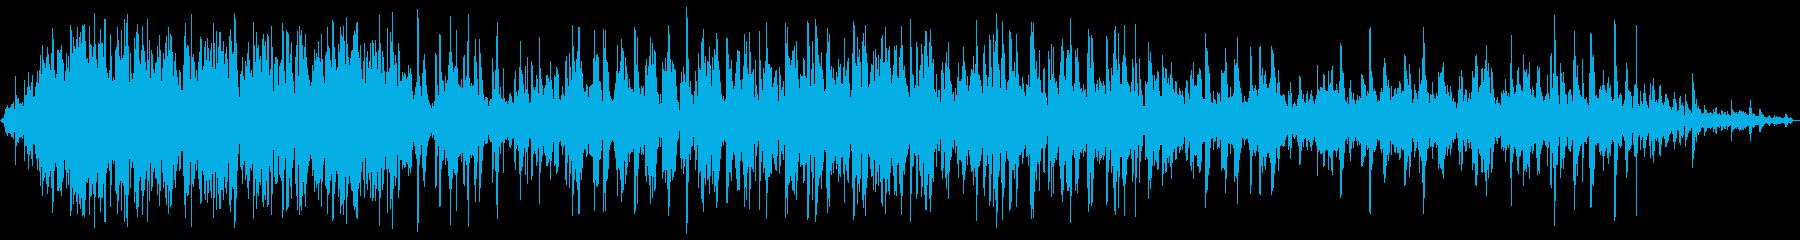 勢いよく水が流れる音の再生済みの波形